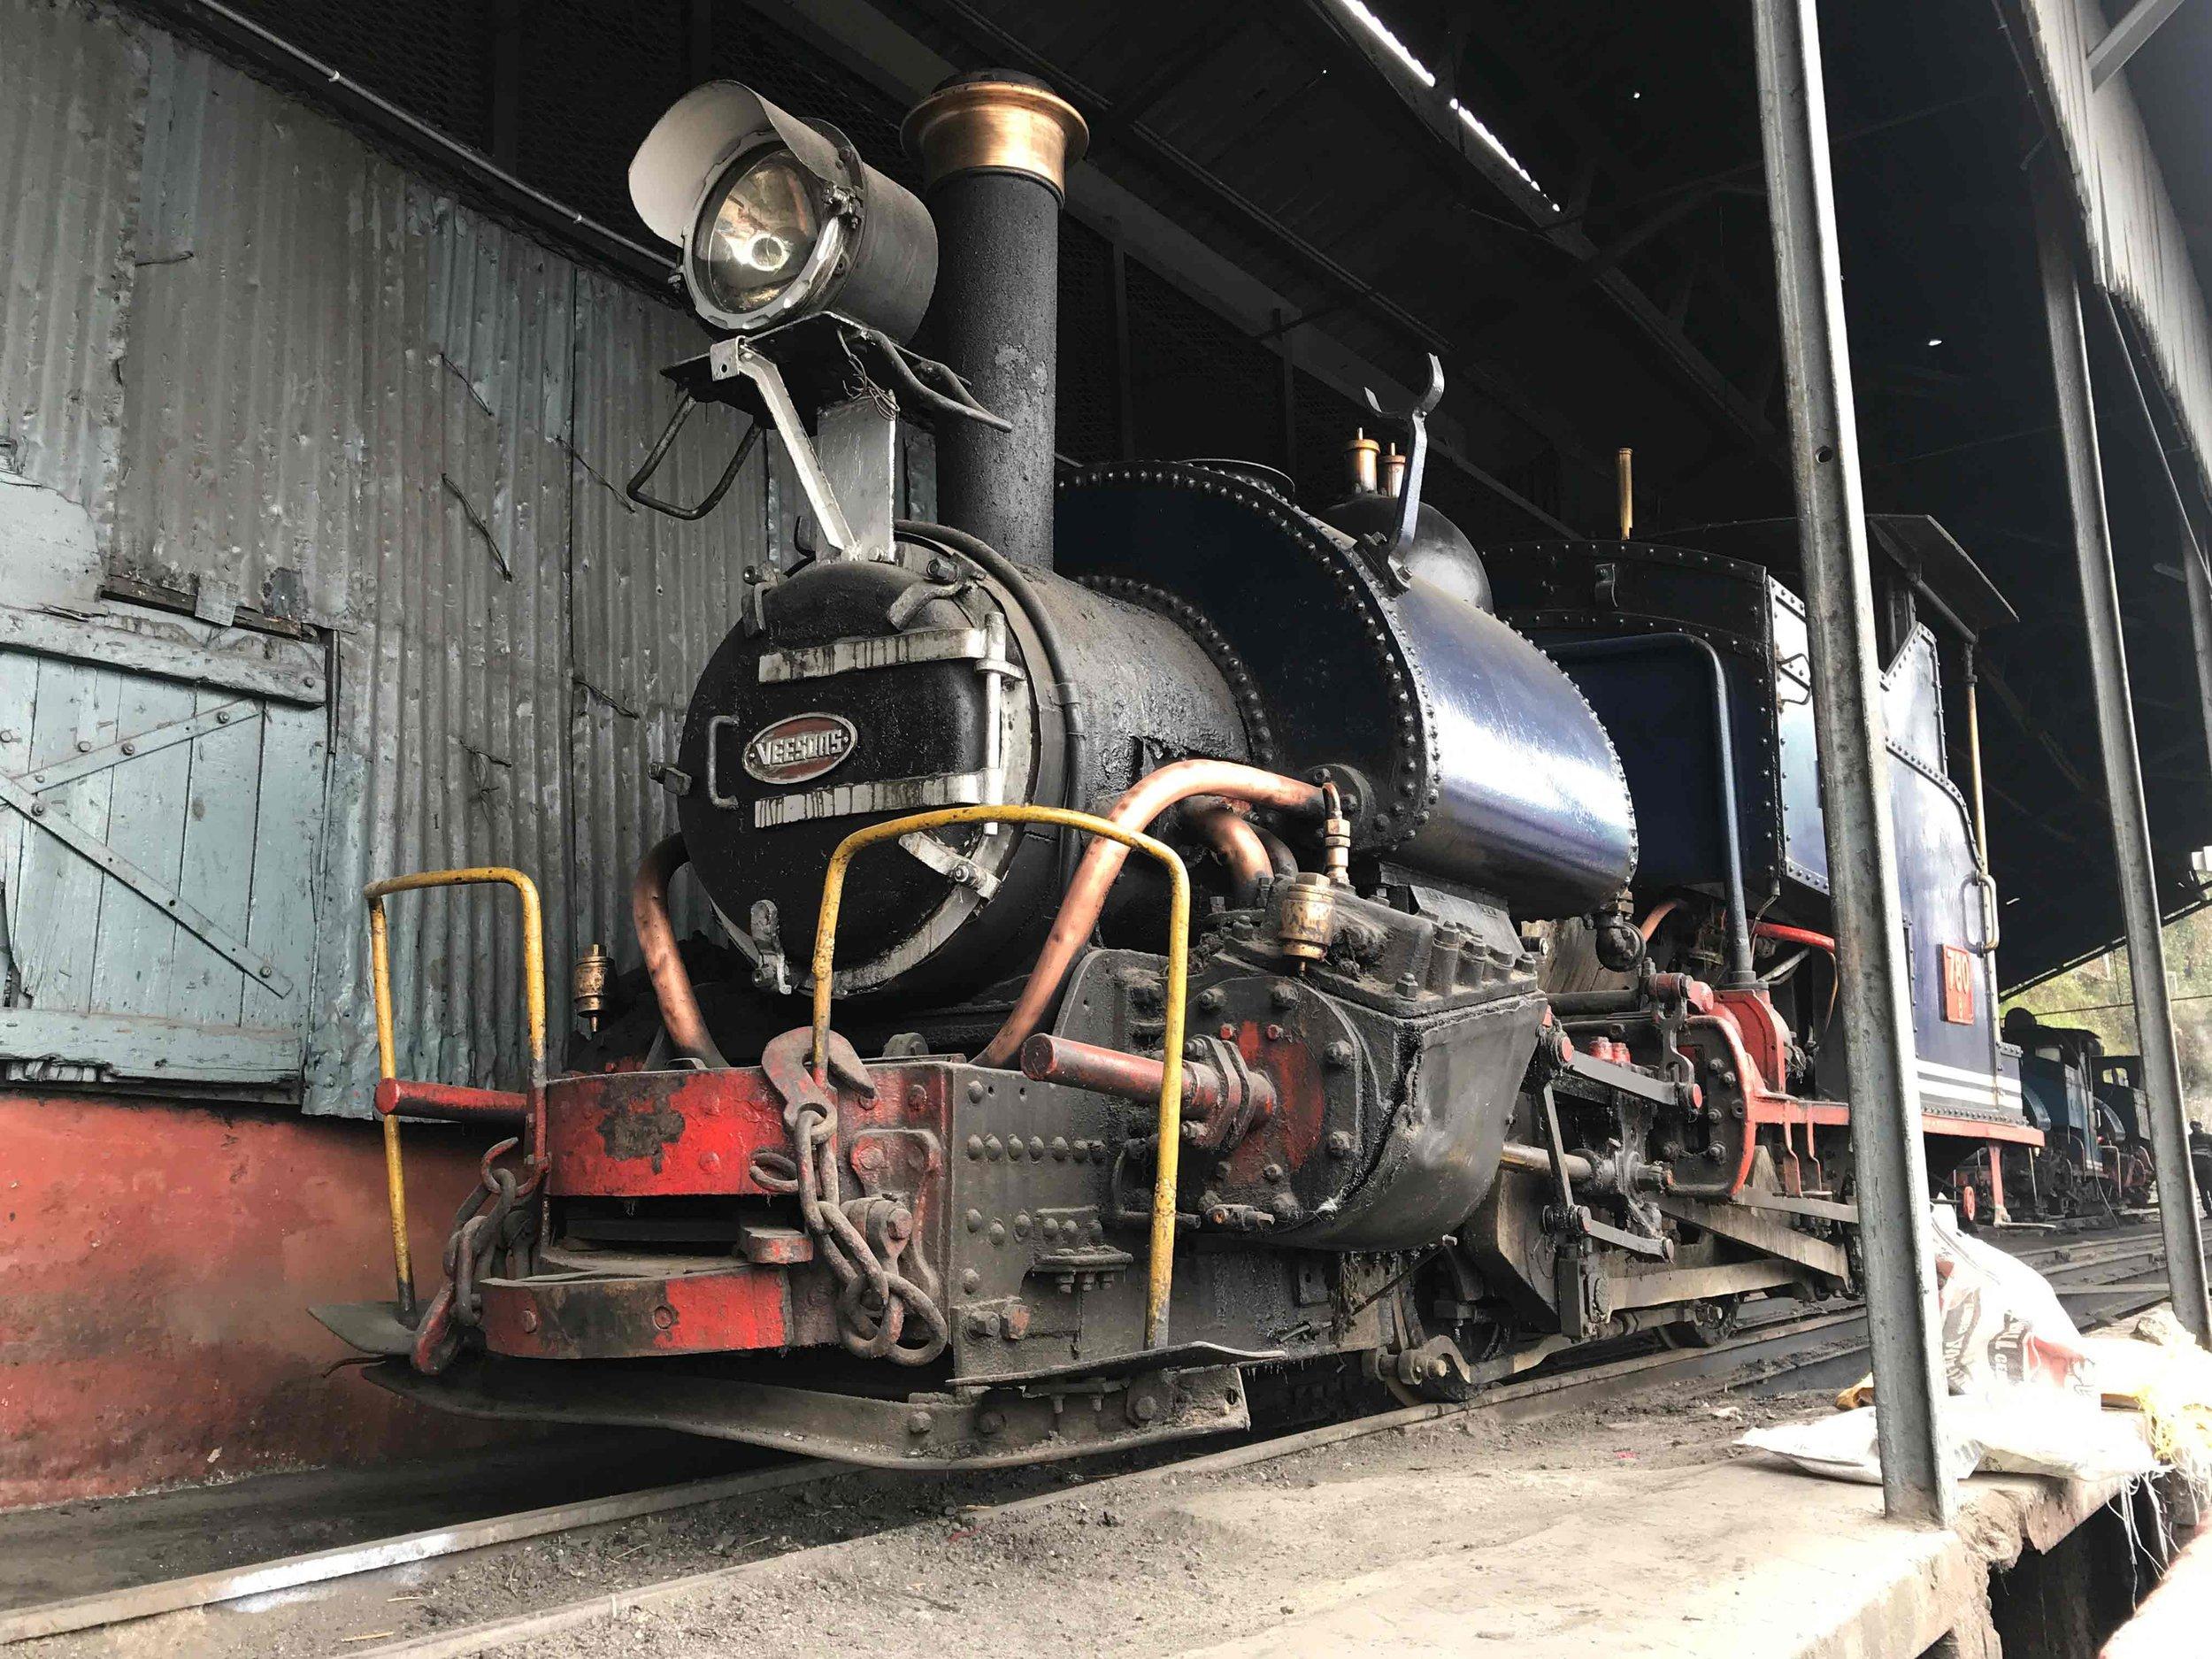 The original Darjeeling train